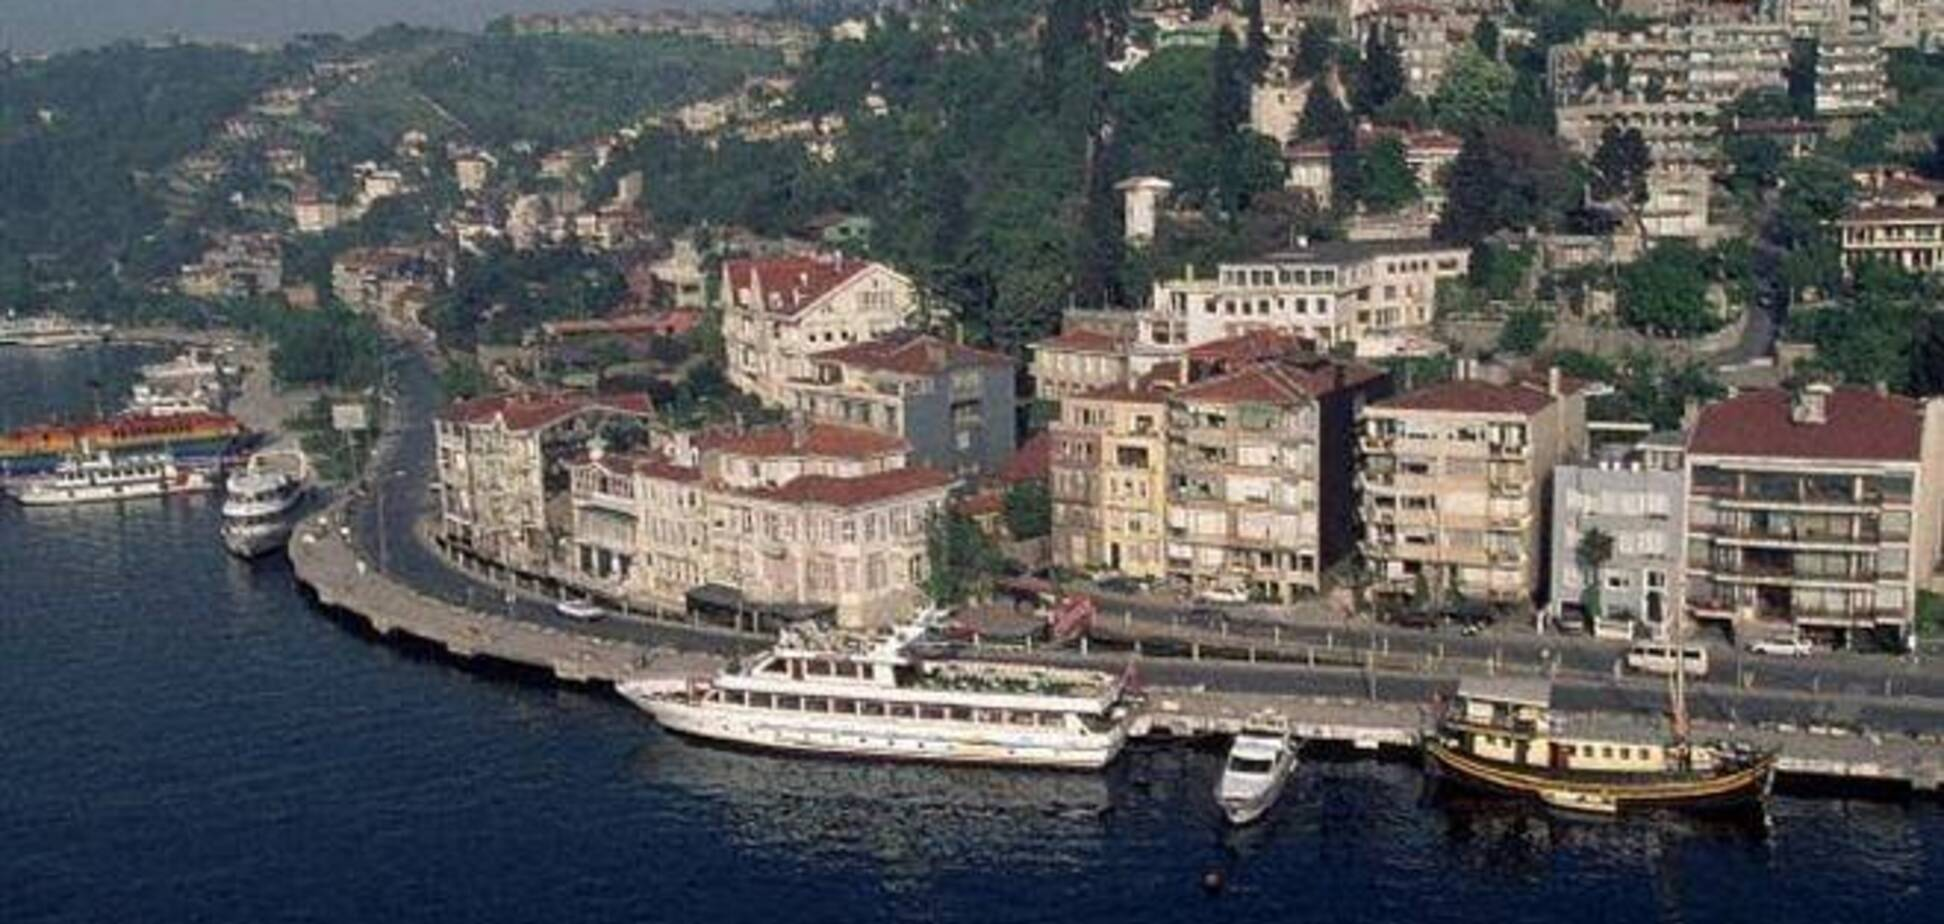 Тоннель 'Мармарай' вызвал рост цен на недвижимость в некоторых районах Стамбула